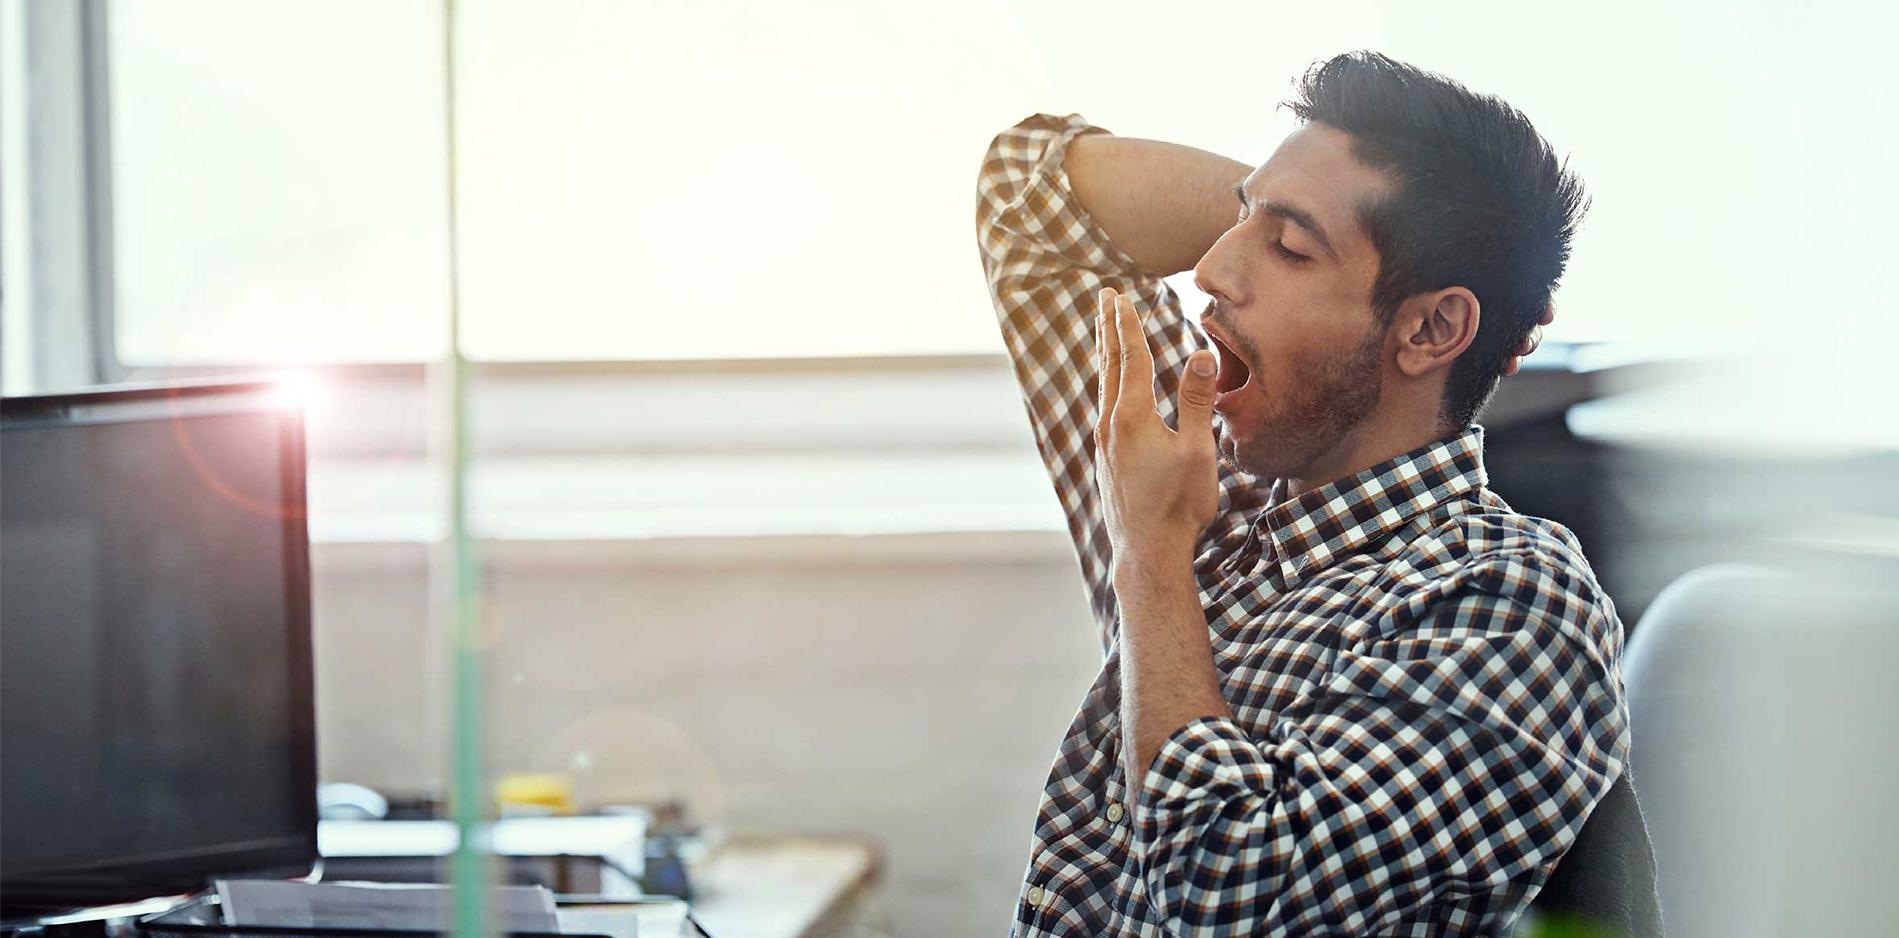 仕事中大あくびをするサラリーマン|副腎疲労blog